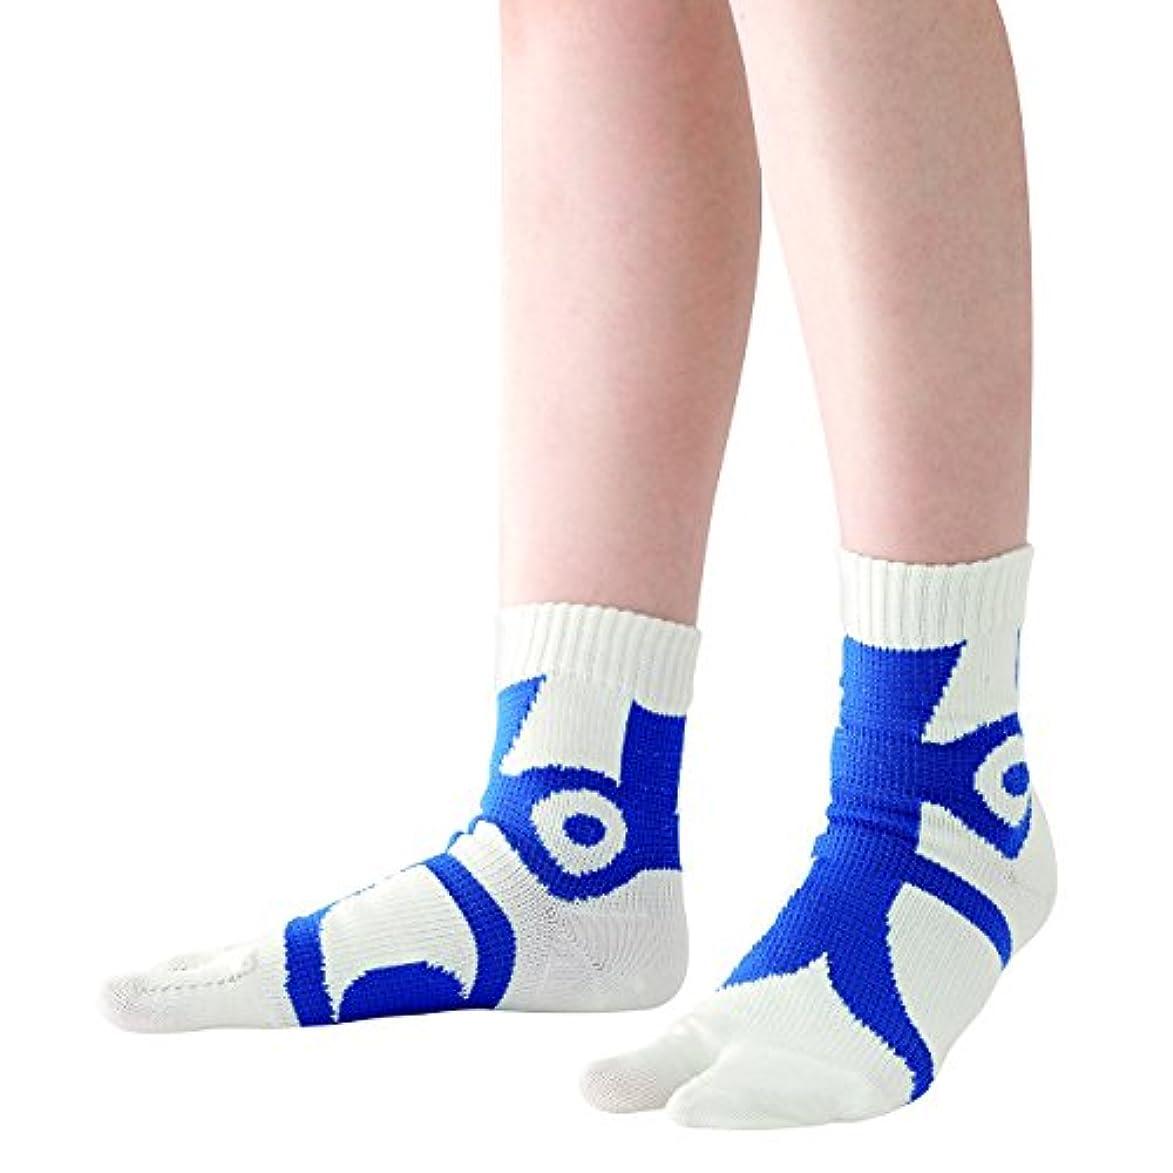 試験八暫定快歩テーピング靴下 ホワイト×ブルー